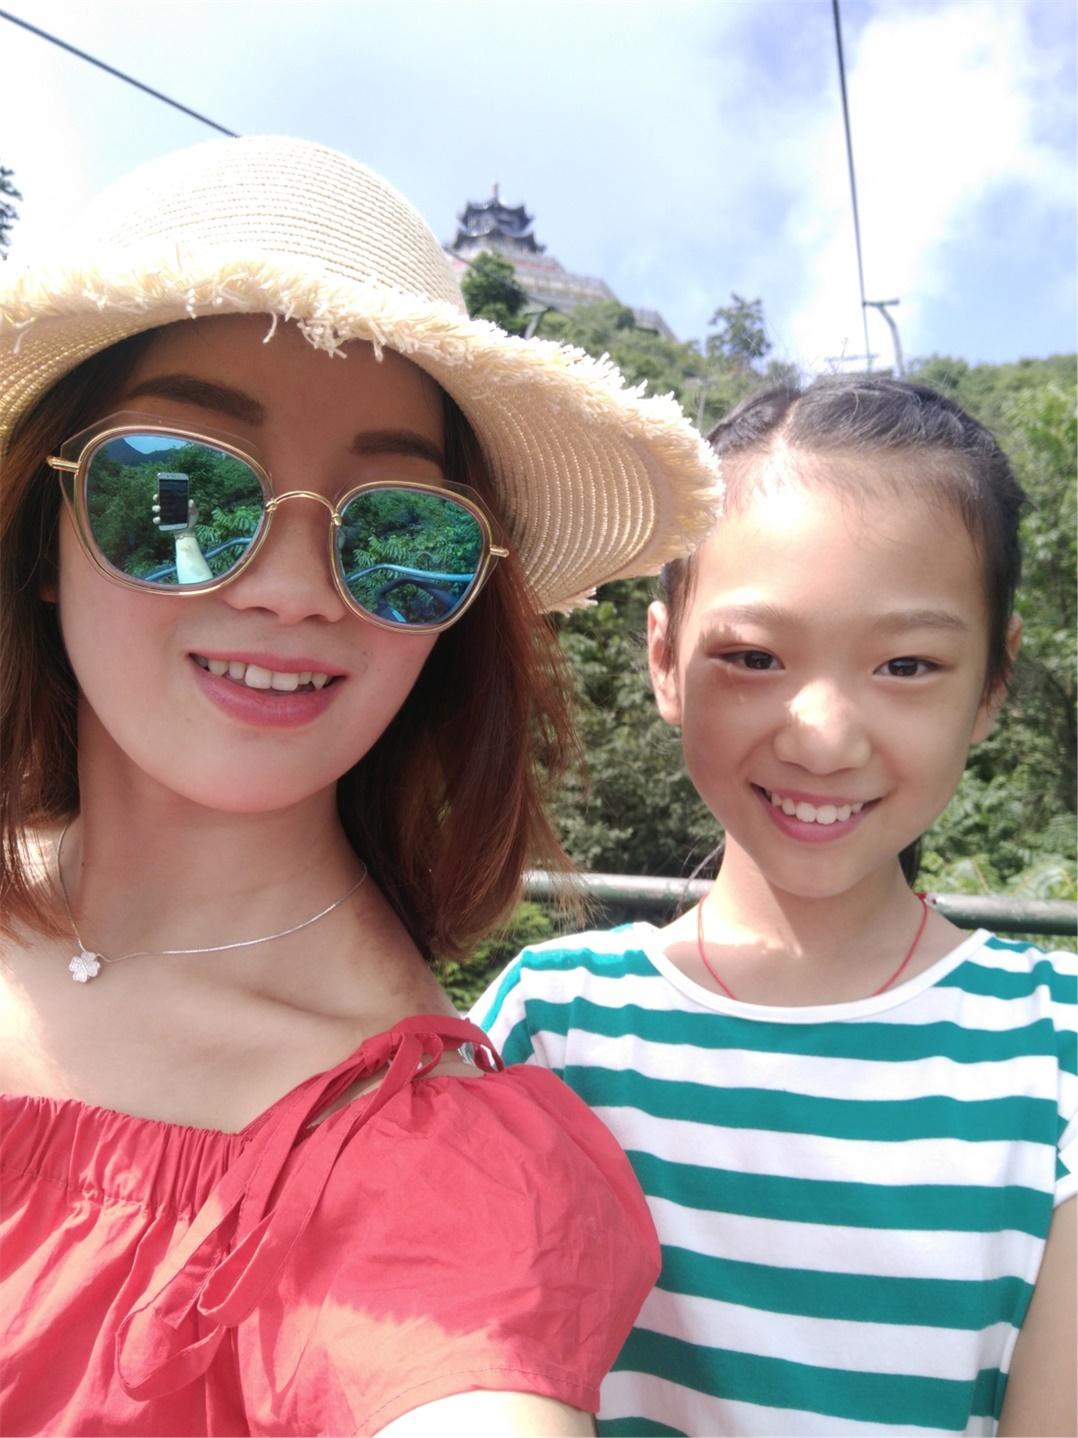 2017年暑假荆州/张家界旅游记